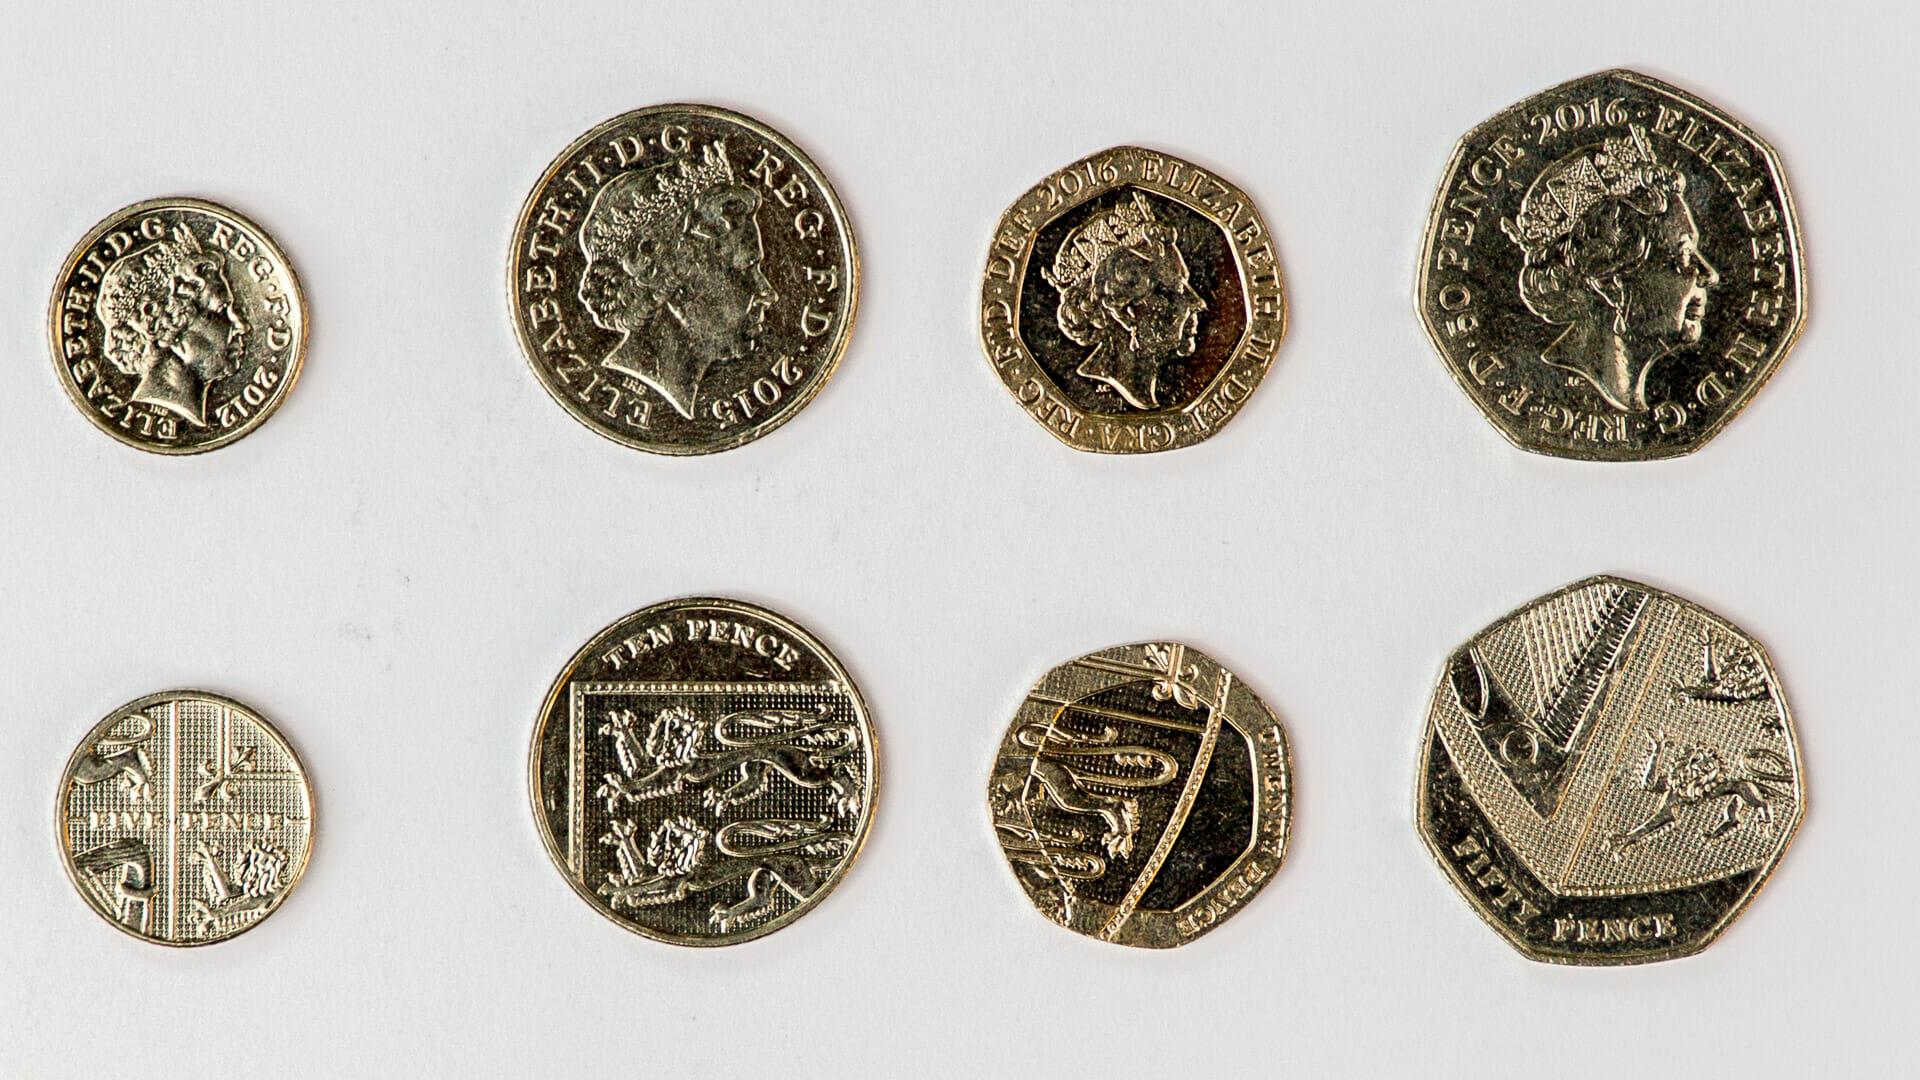 Geld Wechseln Für Den Schottland Urlaub